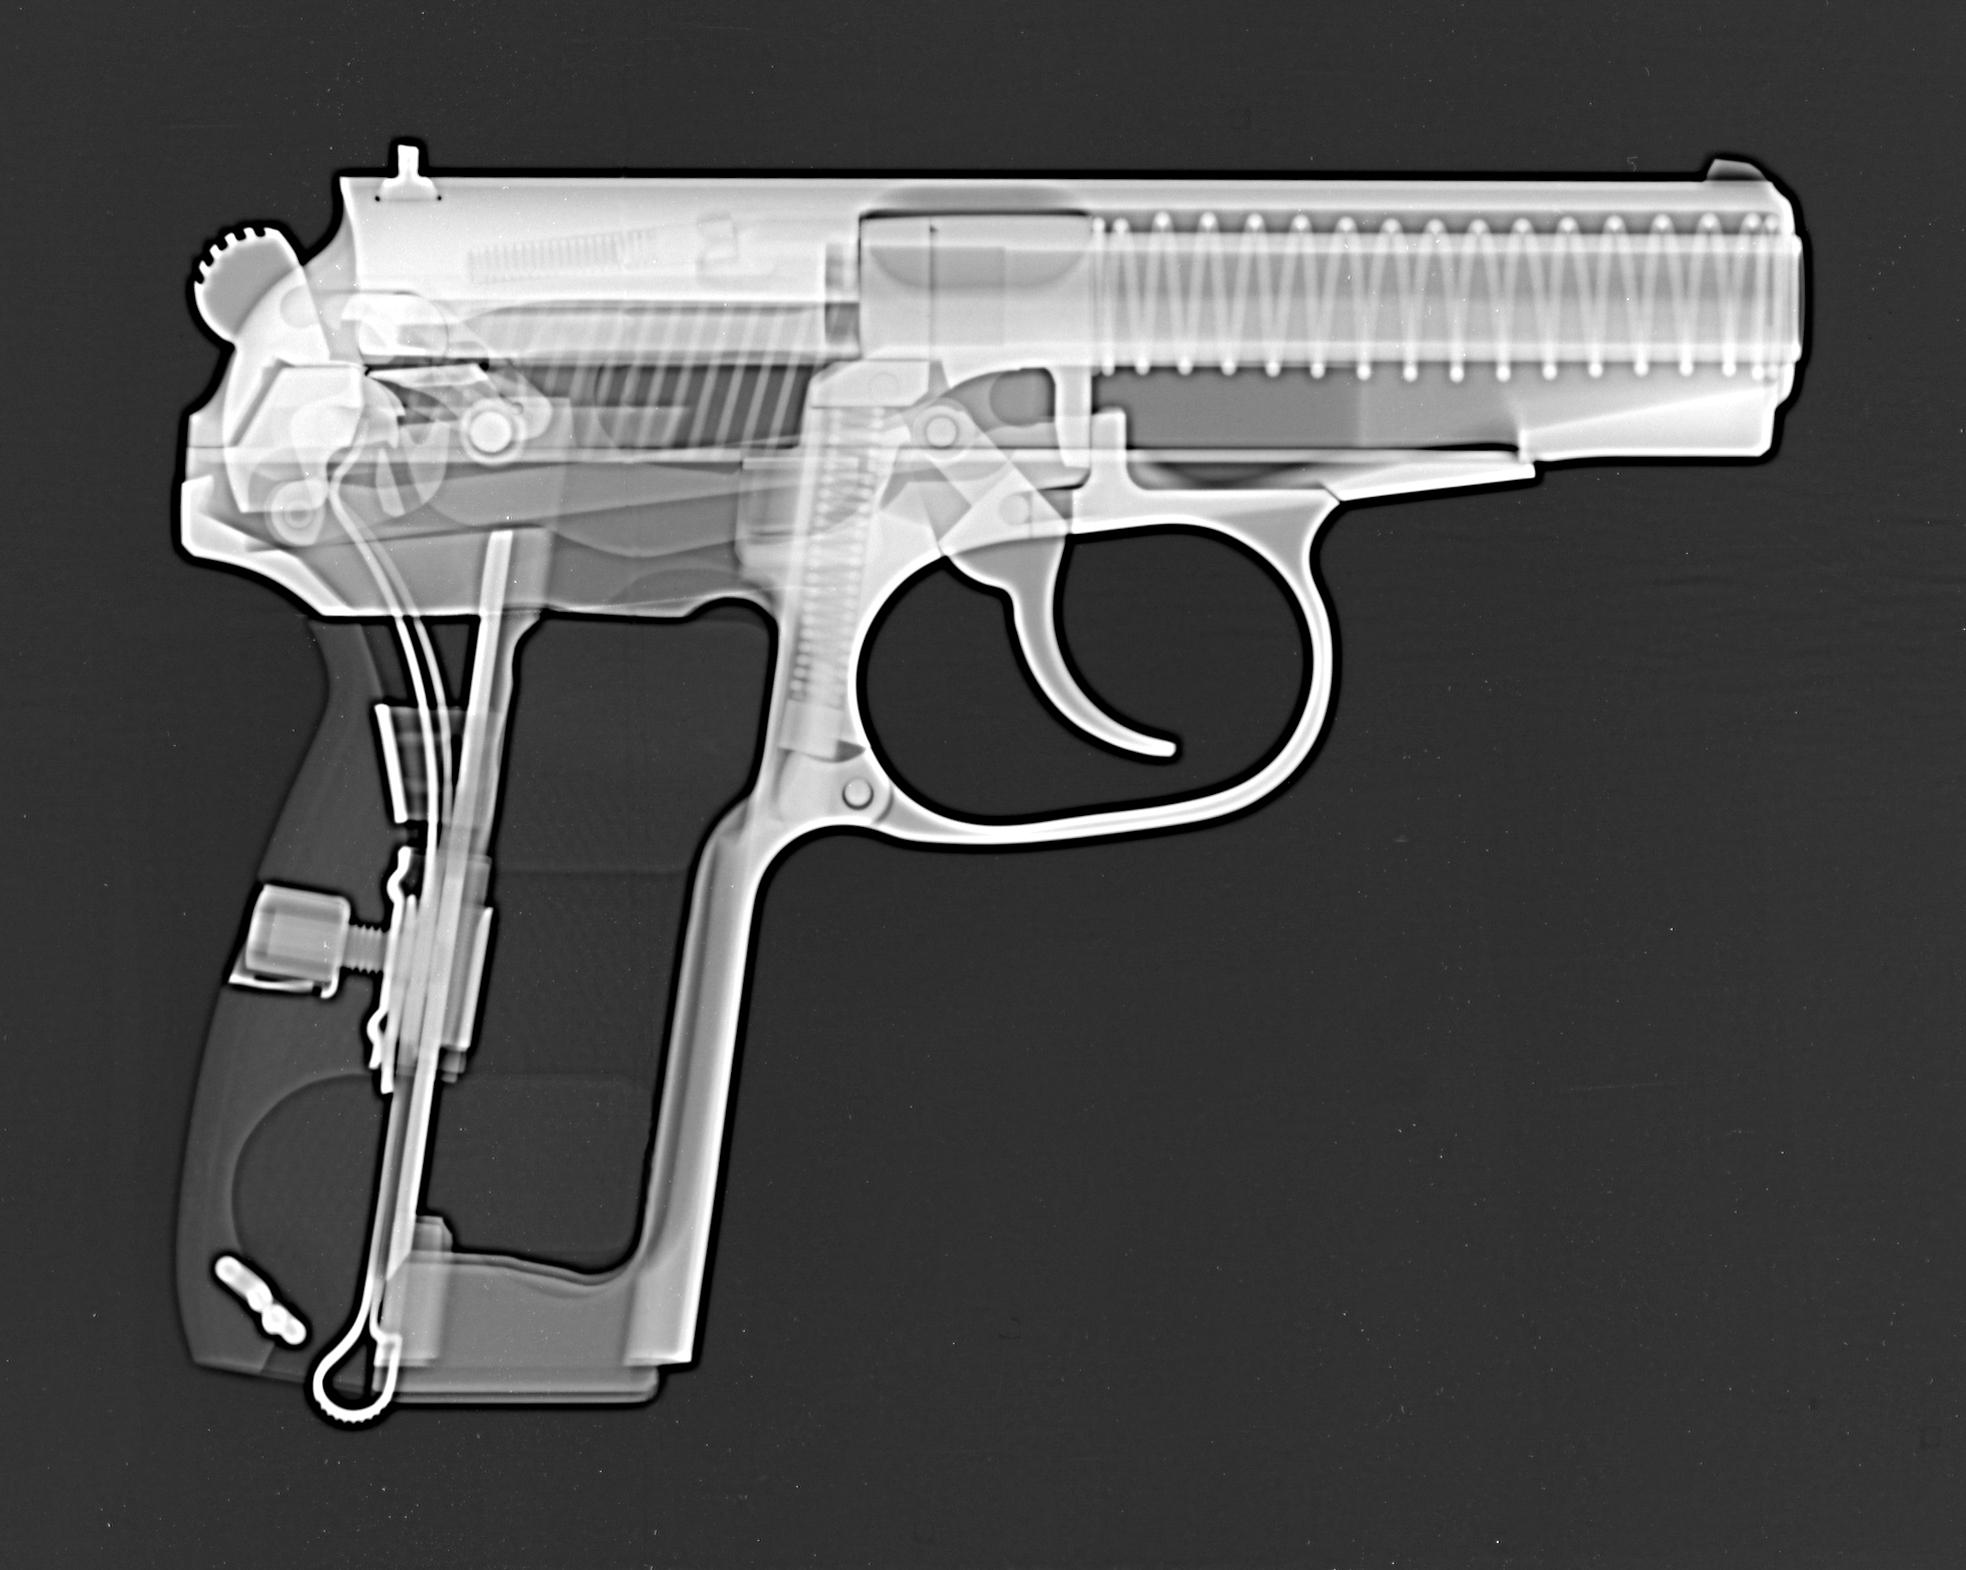 Pistole Makarov 9 mm - Röntgenbild